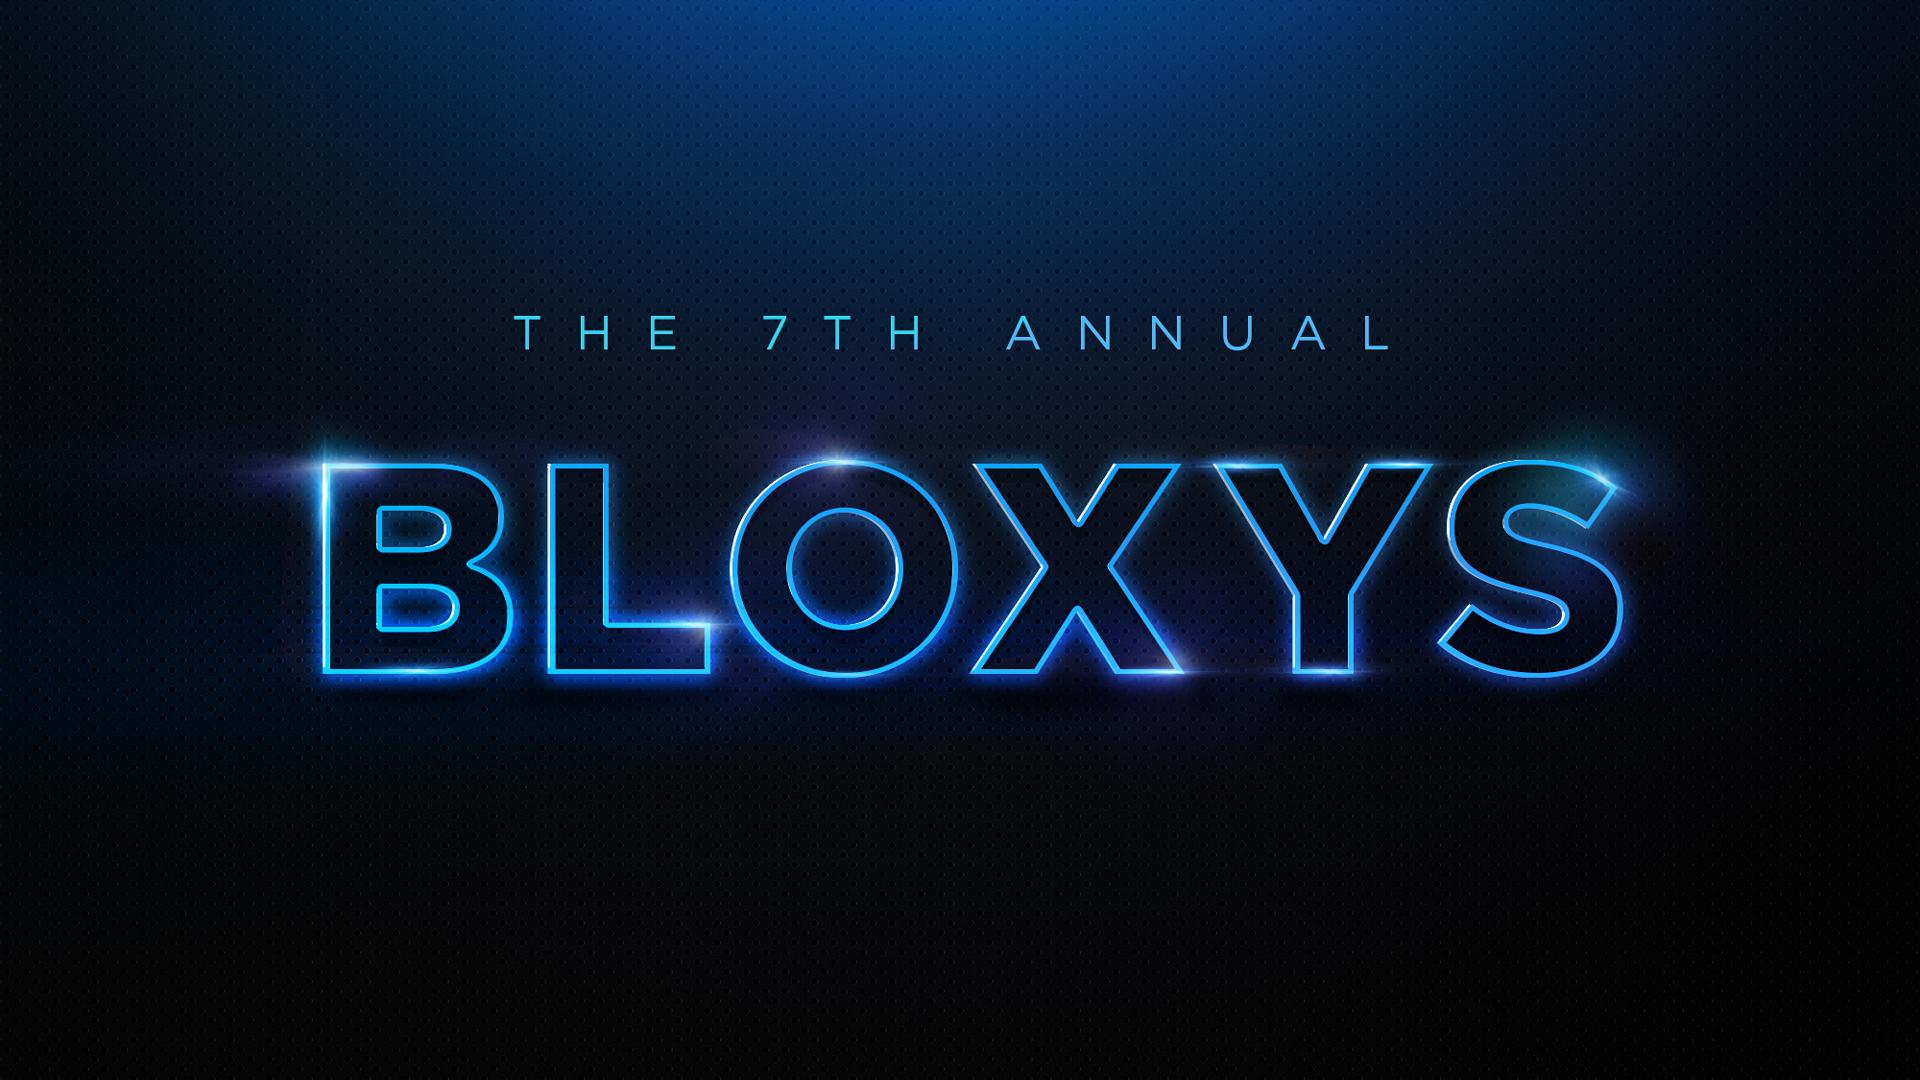 Emite tus votos para la séptima entrega anual de los Premios Bloxy